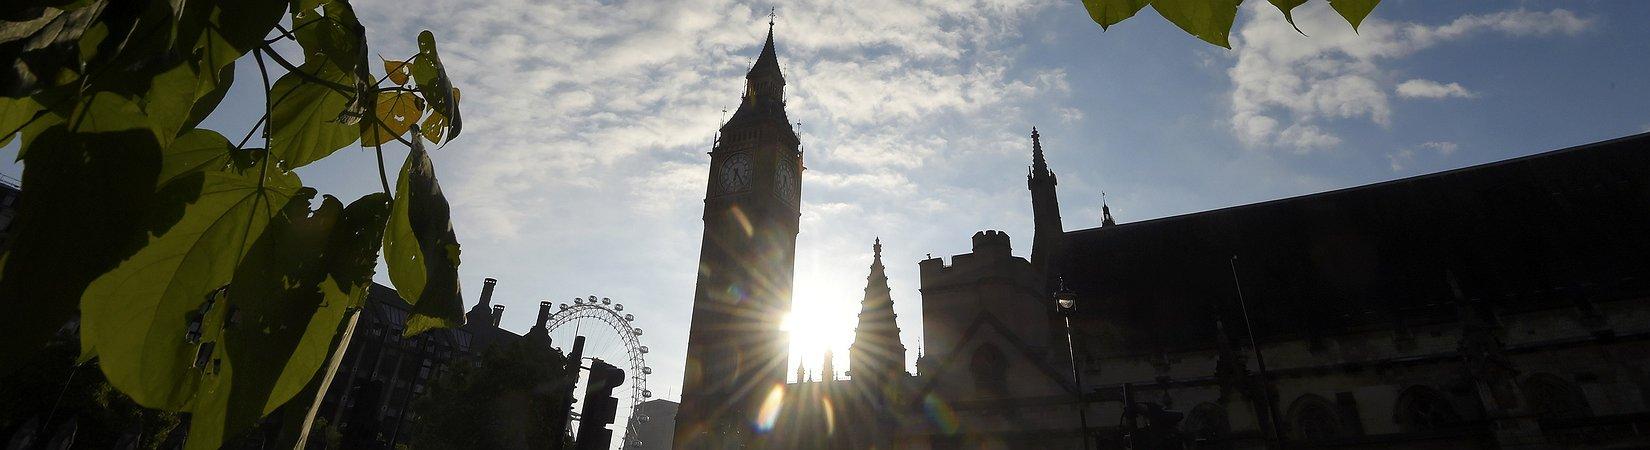 UK Referendum: Brexit-Anhänger in Mehrheit